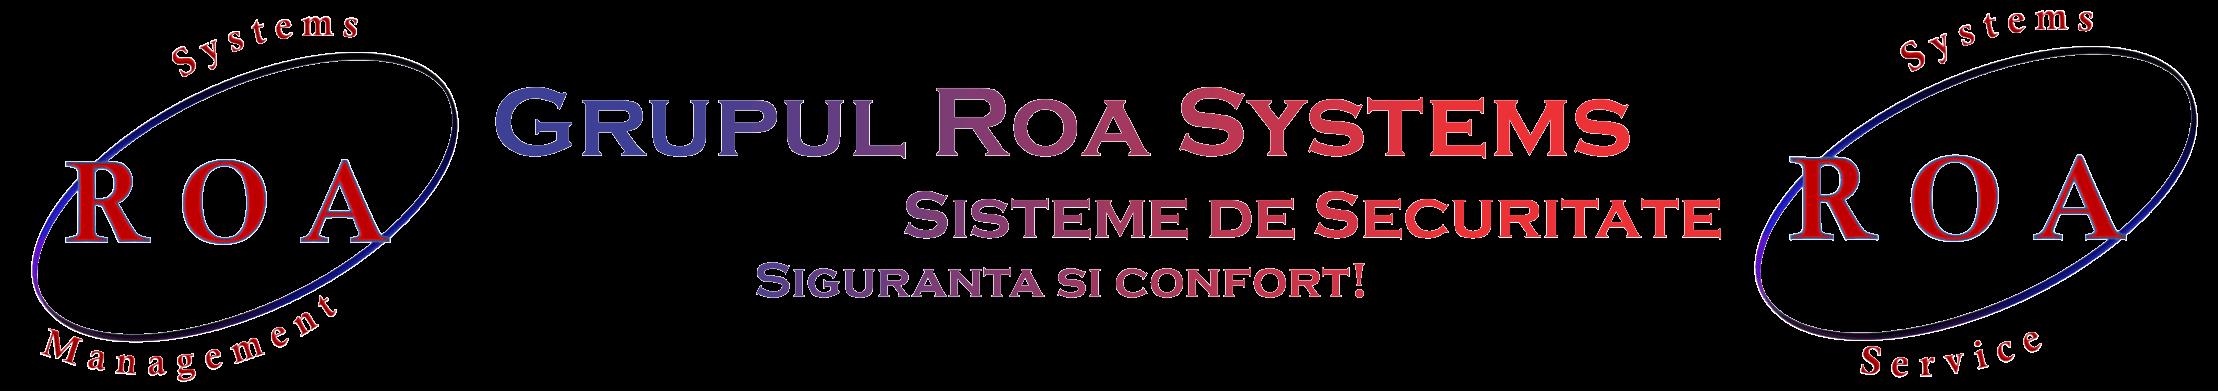 Roa Systems